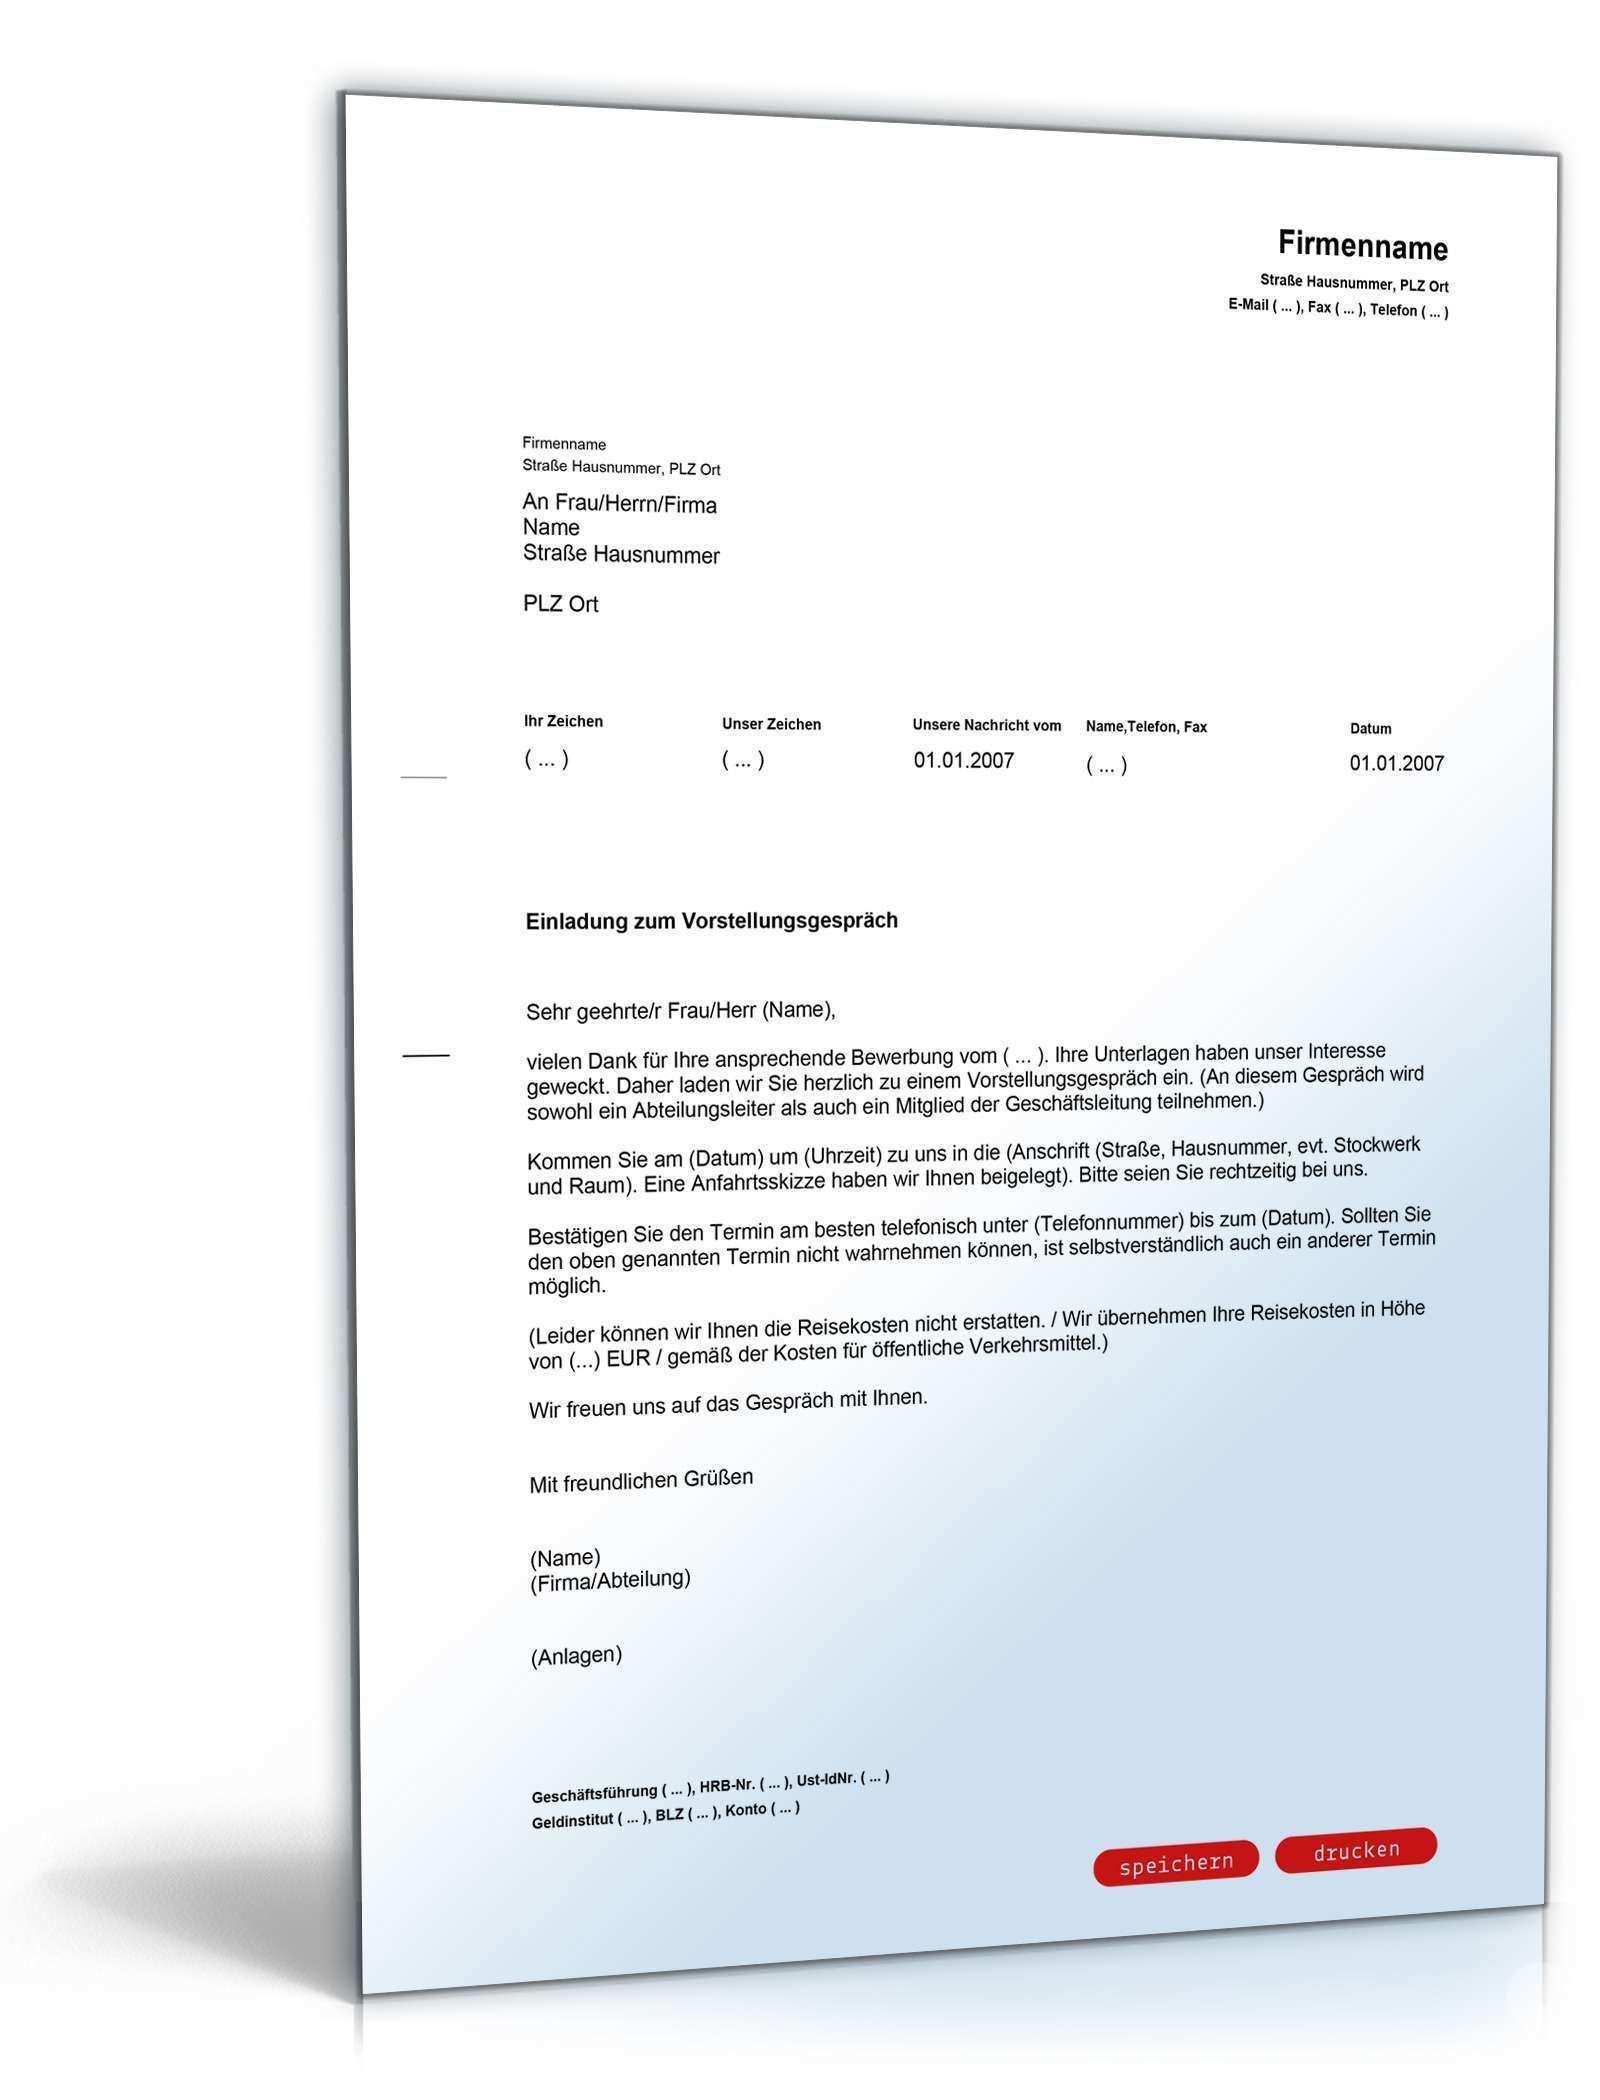 Warenmuster Vorladung Zum Vorstellungsgesprach In 2020 Document Templates Company Address Messages